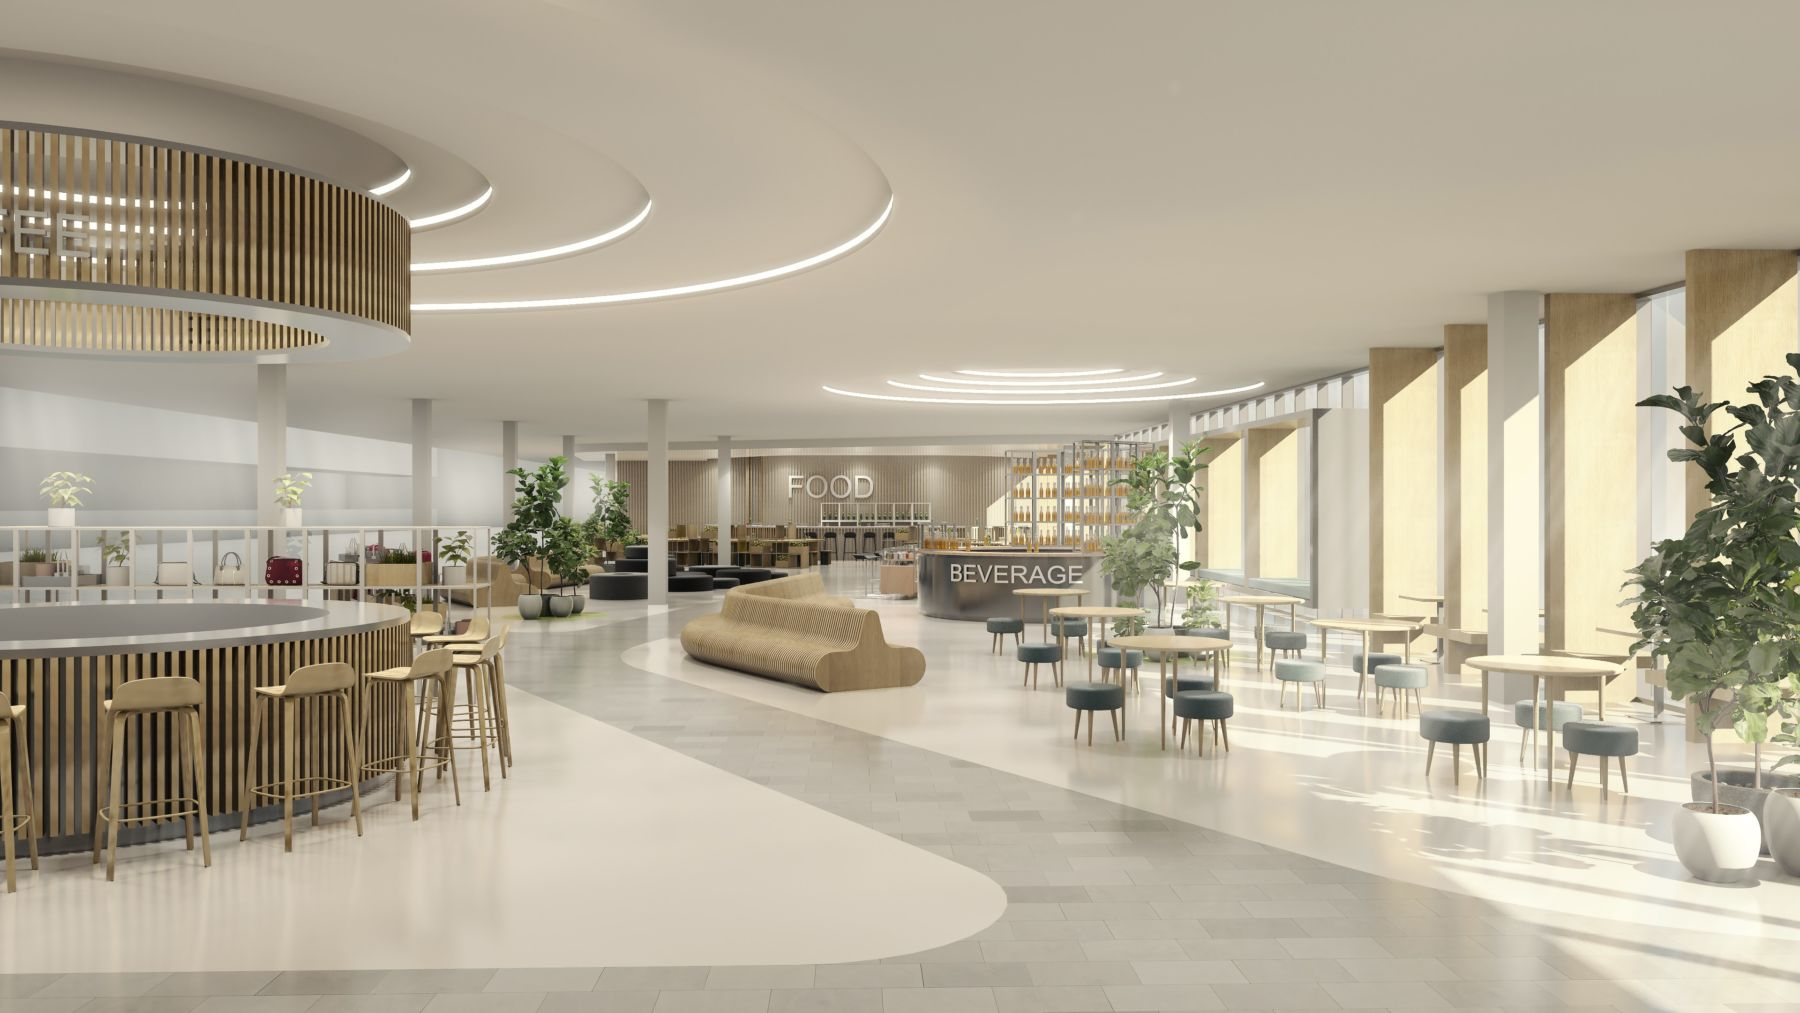 københavns lufthavn restauranter